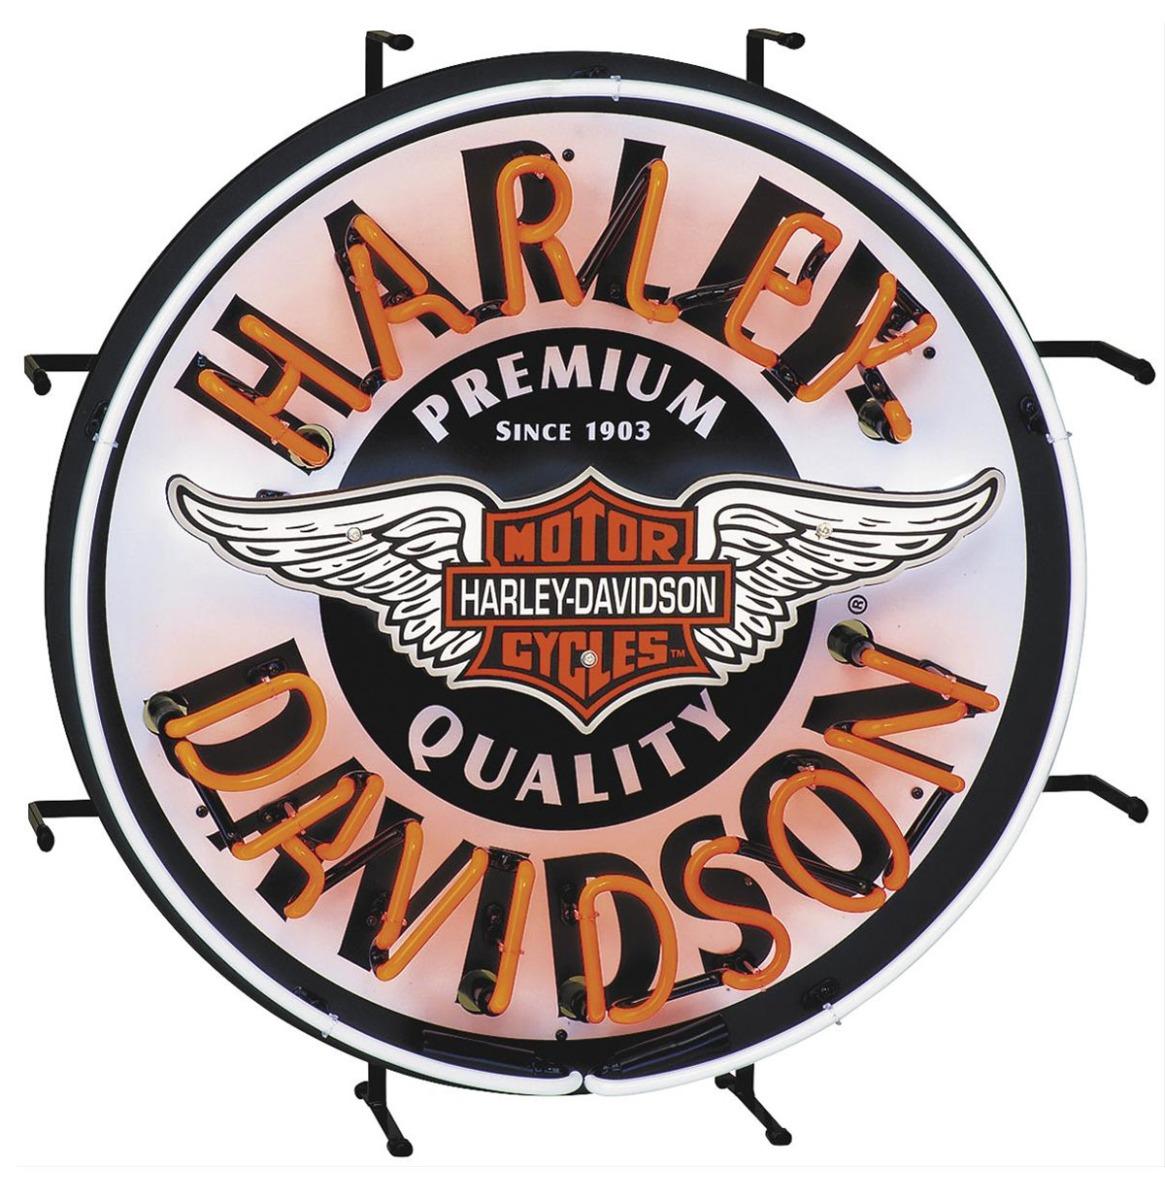 Harley-Davidson Winged Bar & Shield Neon Verlichting 60 cm - LAATSTE KANS, NIET MEER IN PRODUCTIE